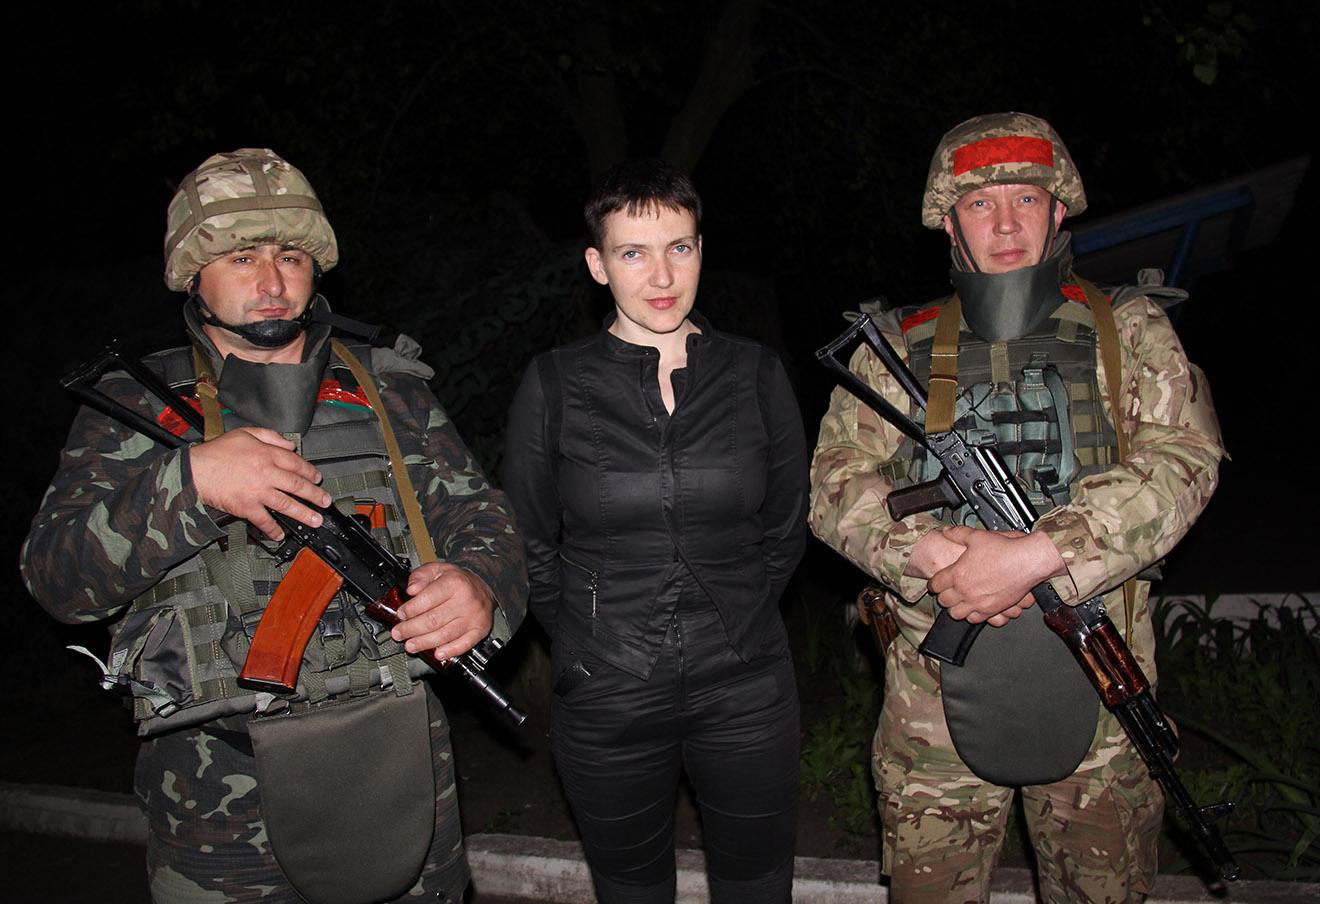 Надежда Савченко во время посещения украинской военной базы близ Славянска, 5 июня 2016 года.